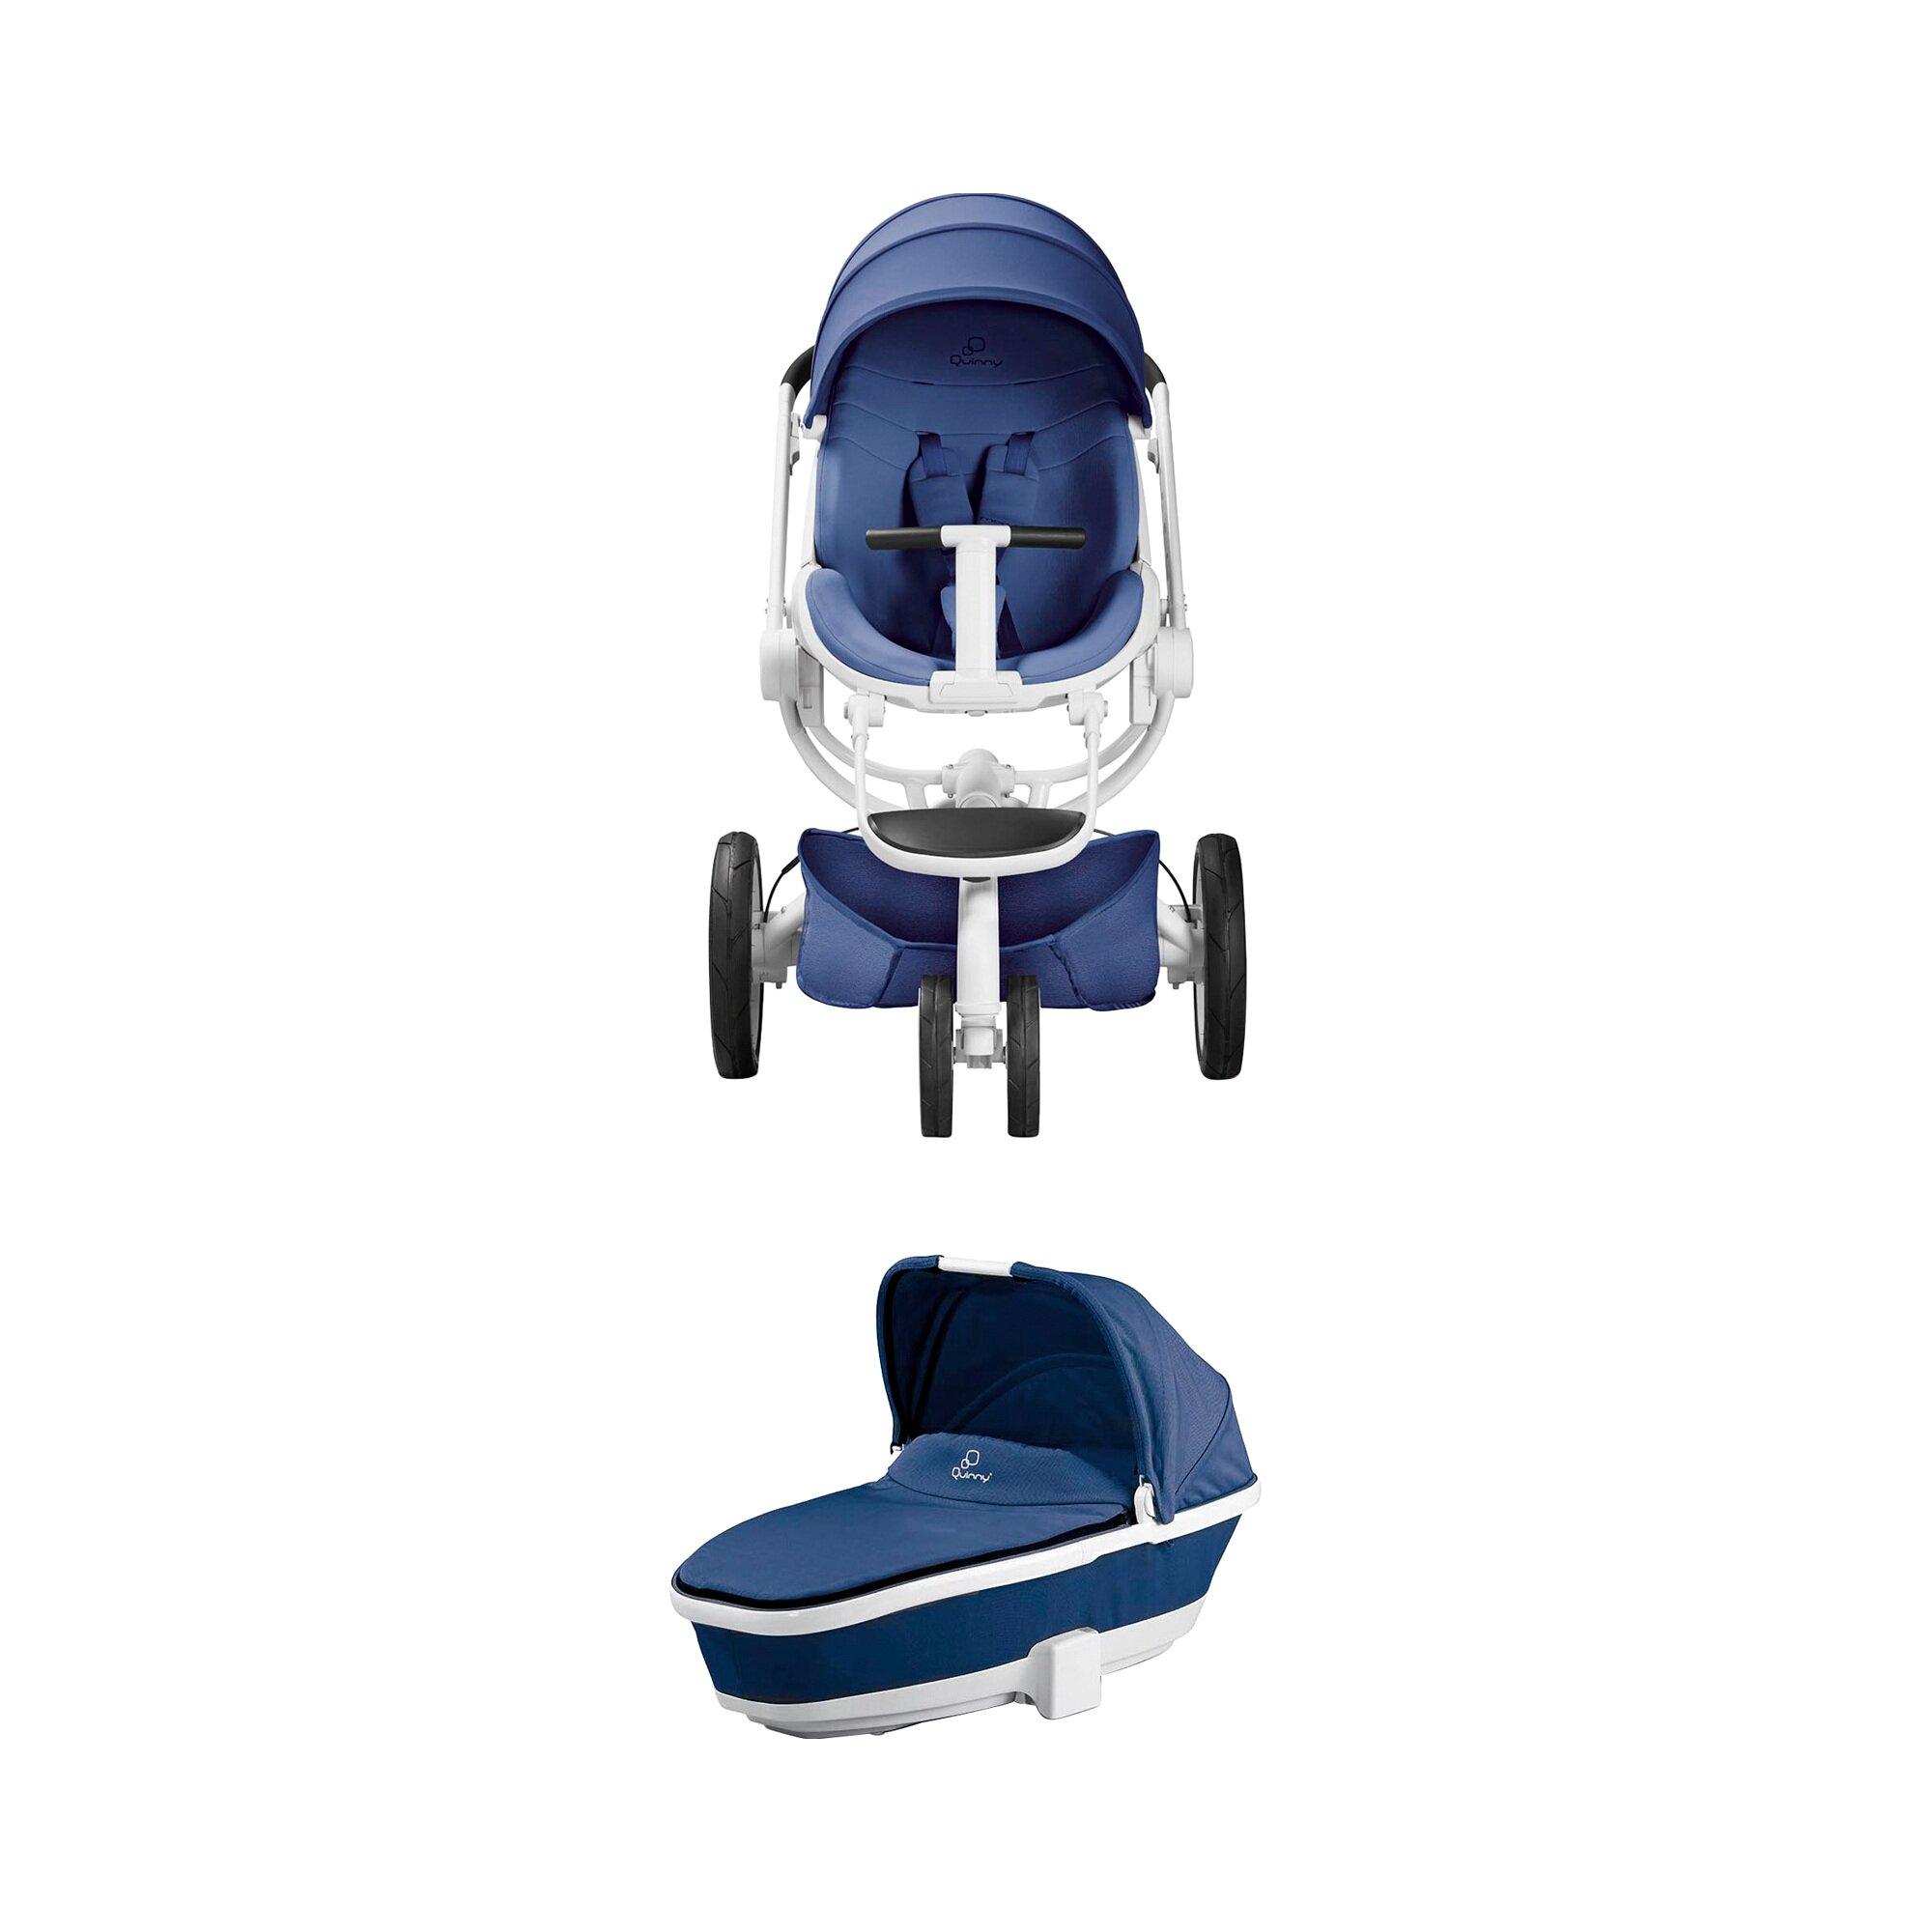 quinny-moodd-kinderwagen-design-2017-blau